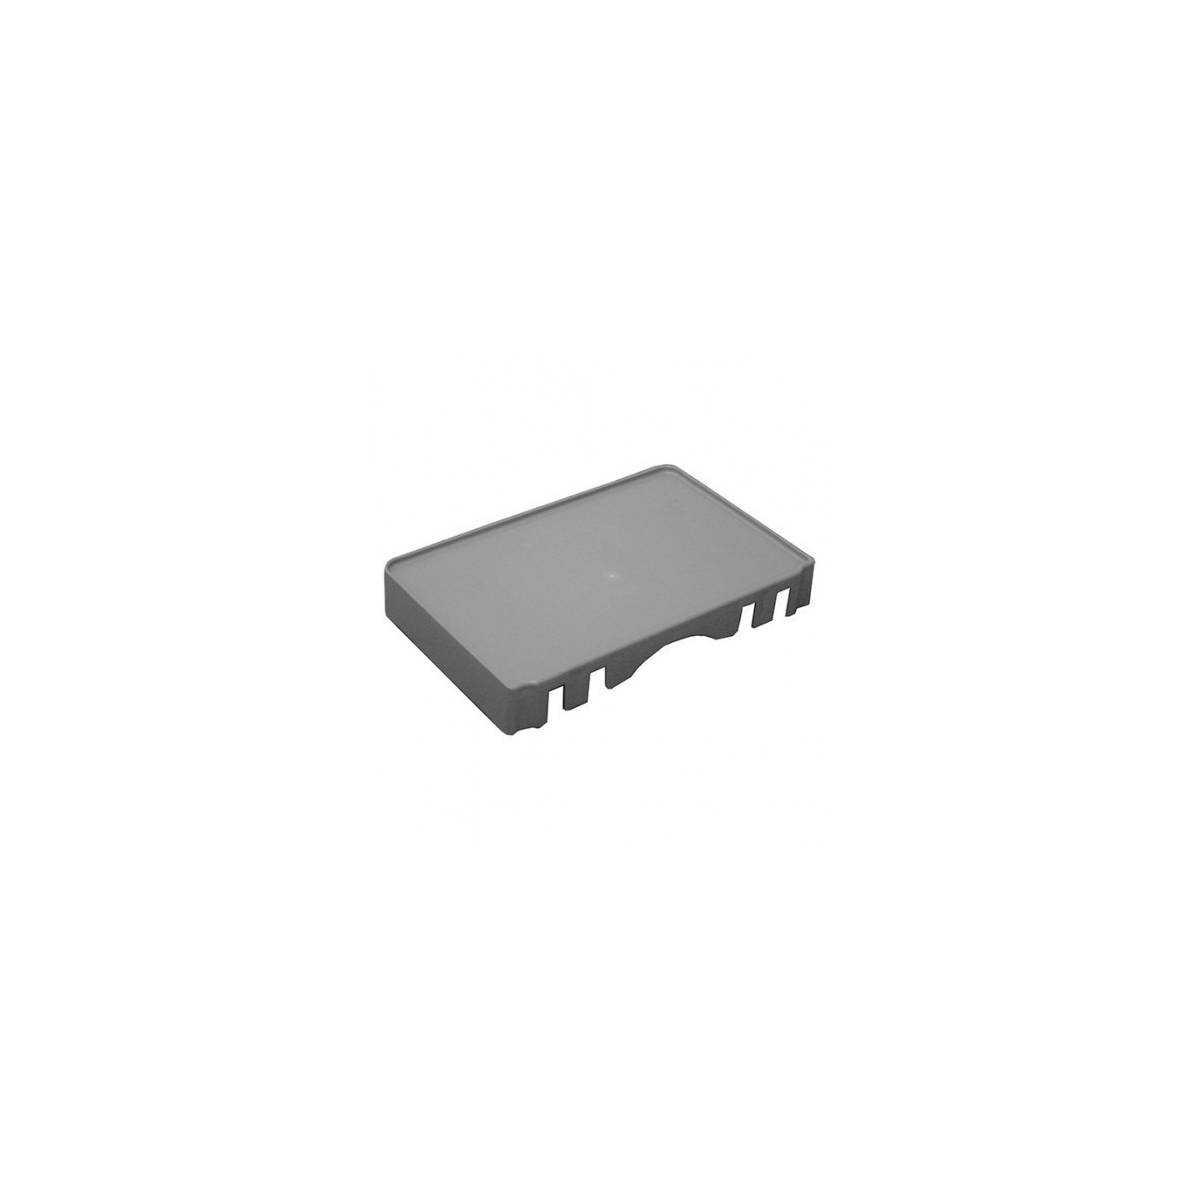 Разделитель для держателя мешка 150л (T590795) T590795 TTS